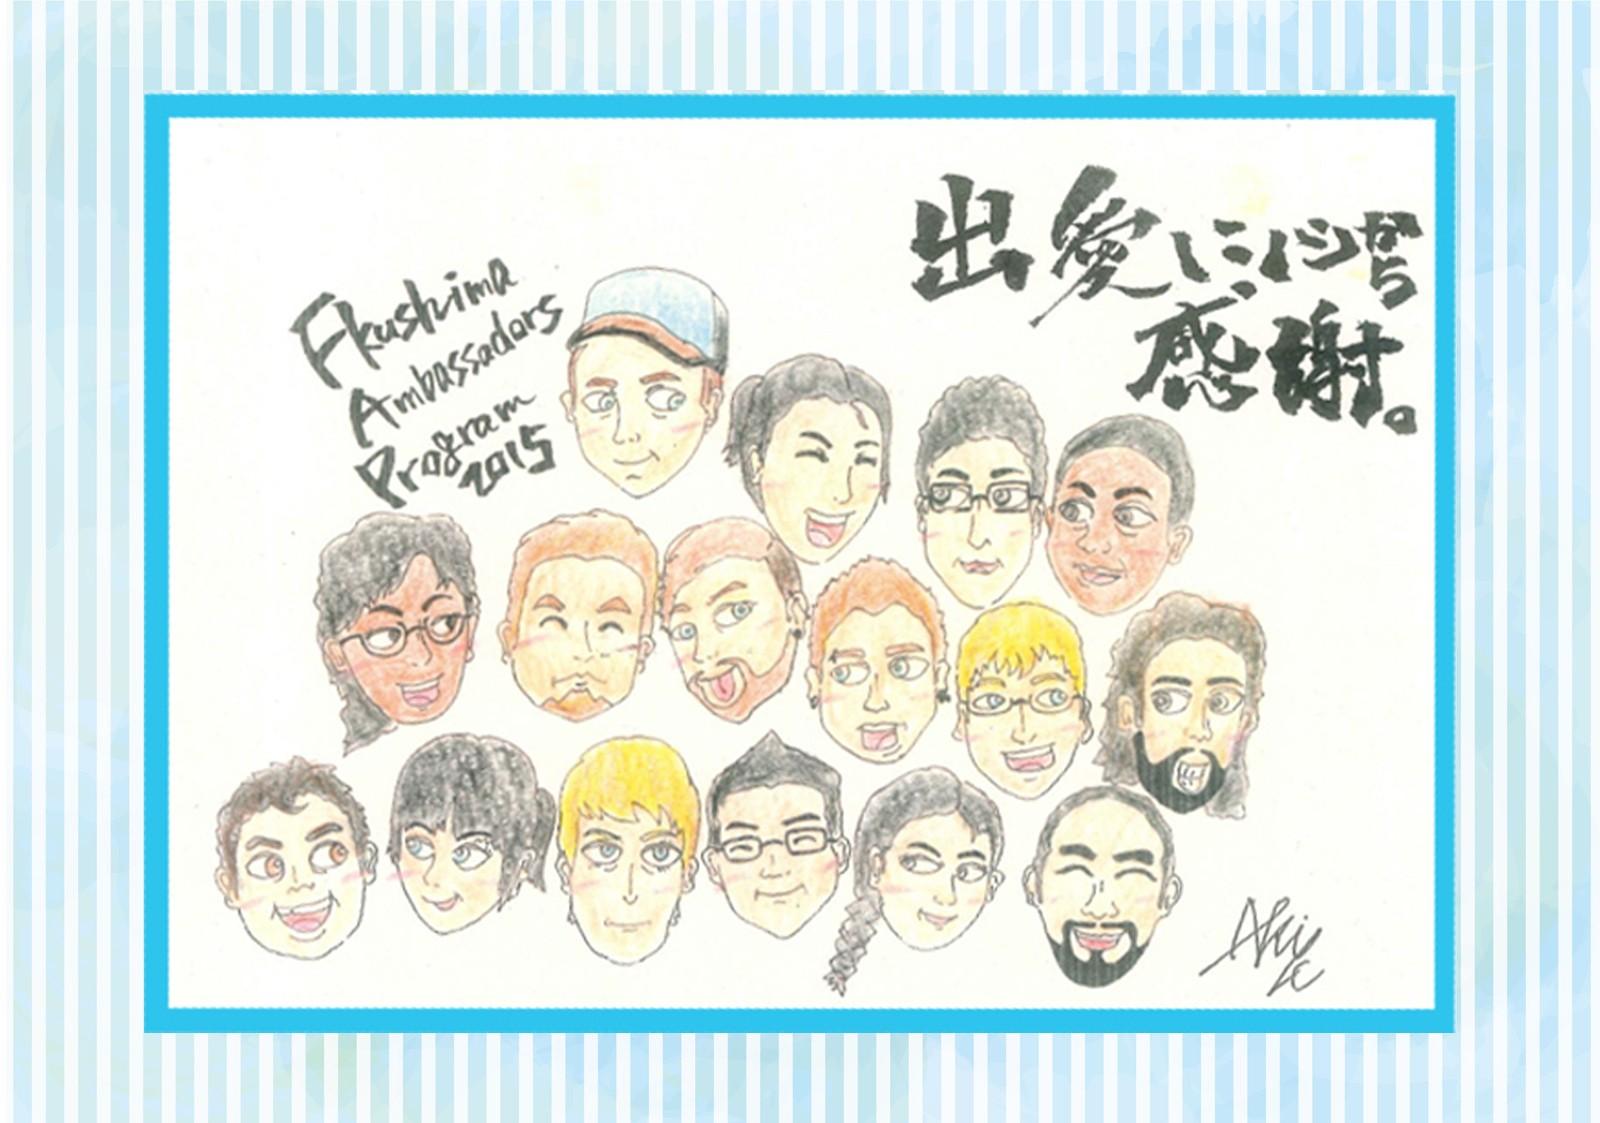 皆様からのご支援に感謝を込めて、感謝状をお送りします。このプログラムを応援してくださった方々へ、母国語や英語、日本語で、感謝の気持ちを伝えたいと思います。 手作りの感謝状となりますが、学生各々の思いをお伝えしたいと思います。 ※リターンは9月下旬までに発送予定です。